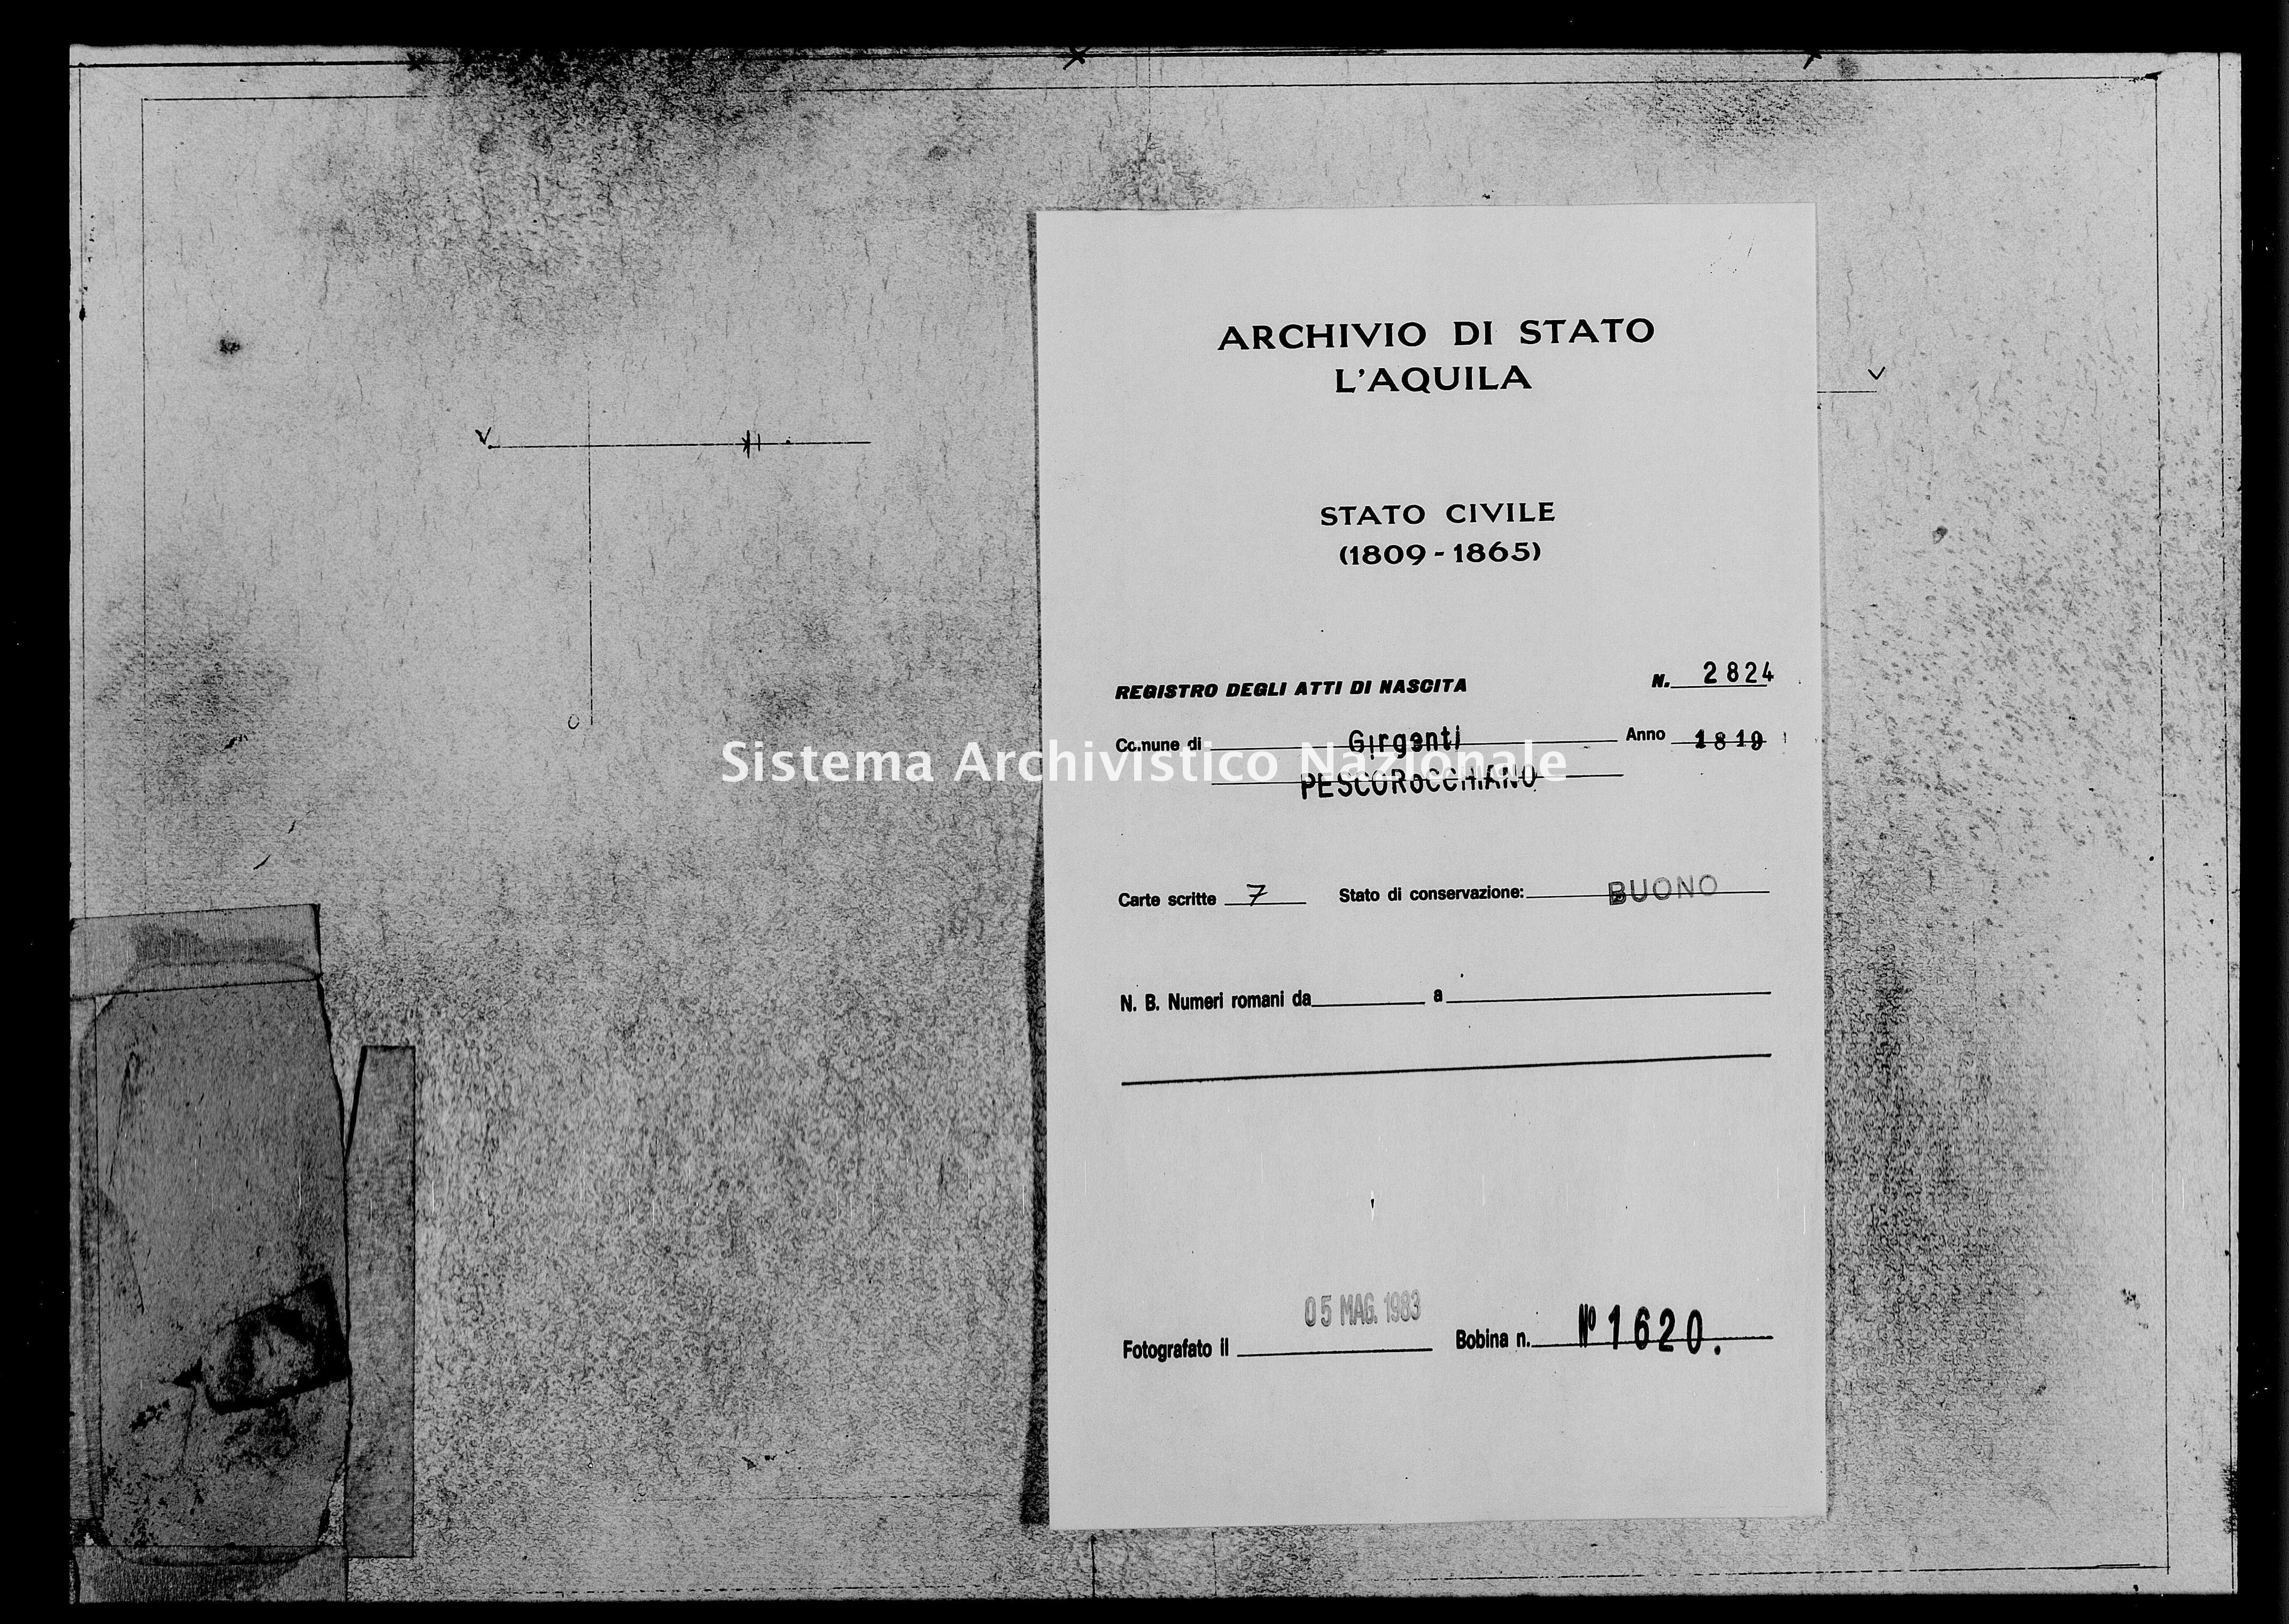 Archivio di stato di L'aquila - Stato civile della restaurazione - Girgenti - Nati - 1819 - 2824 -